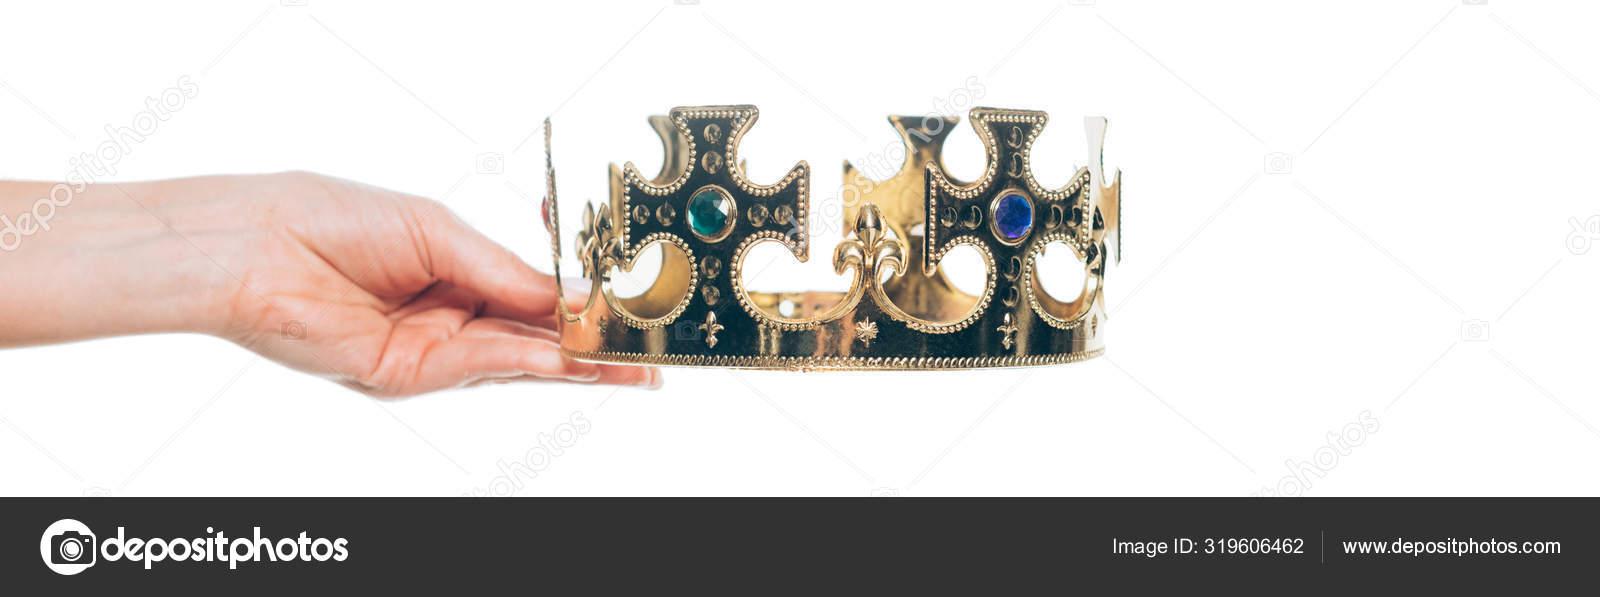 получить микрозайм на золотую корону